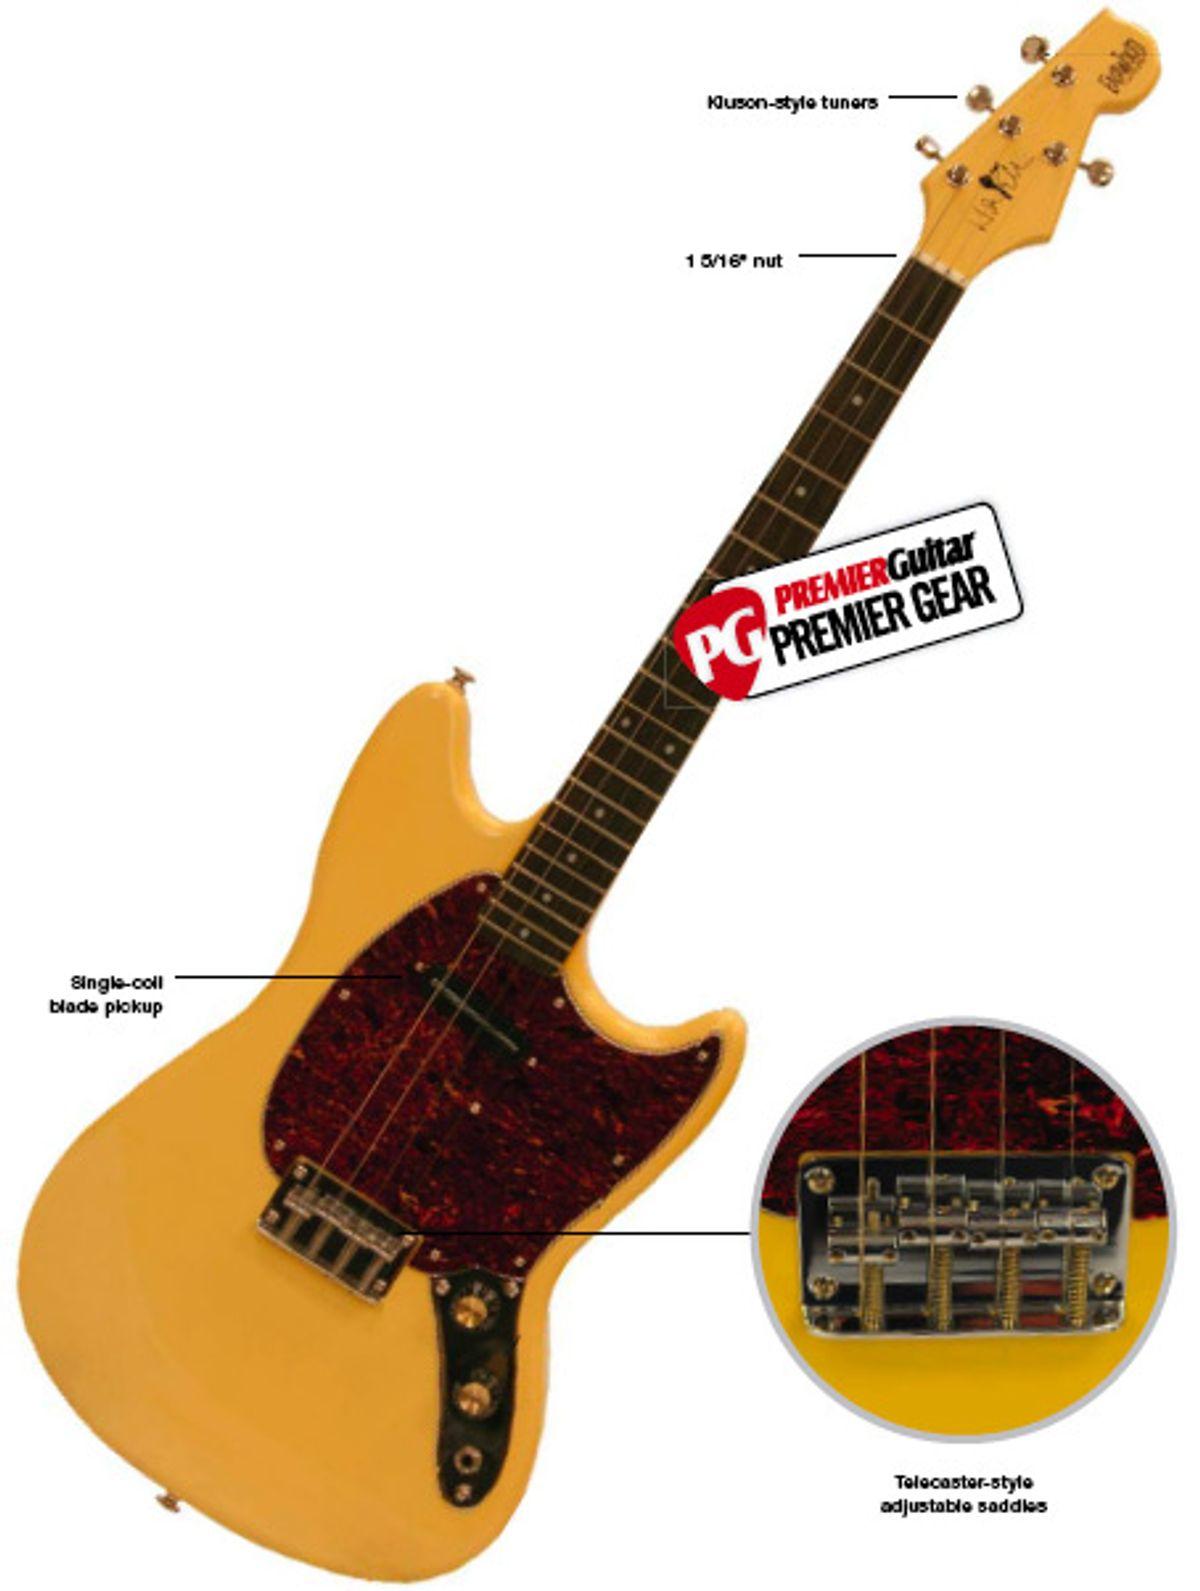 Eastwood Guitars Warren Ellis Signature Tenor Guitar Review